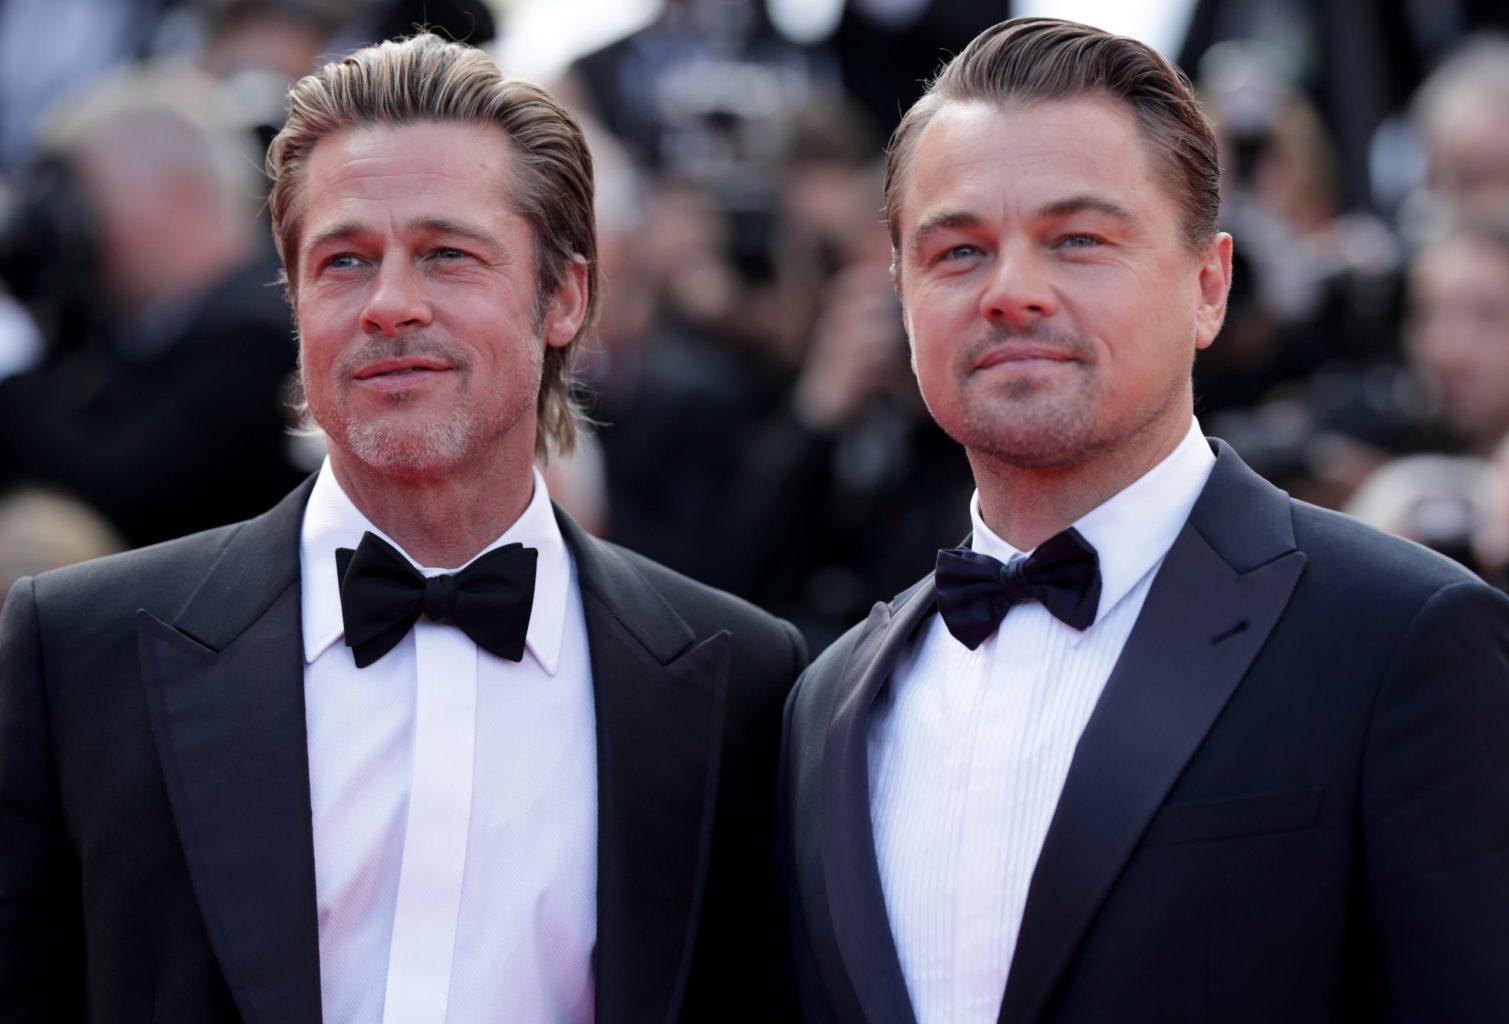 Питт звезде «Титаника»: «Лео, я бы разделил с тобой плот», речь актера на «Золотом Глобусе»